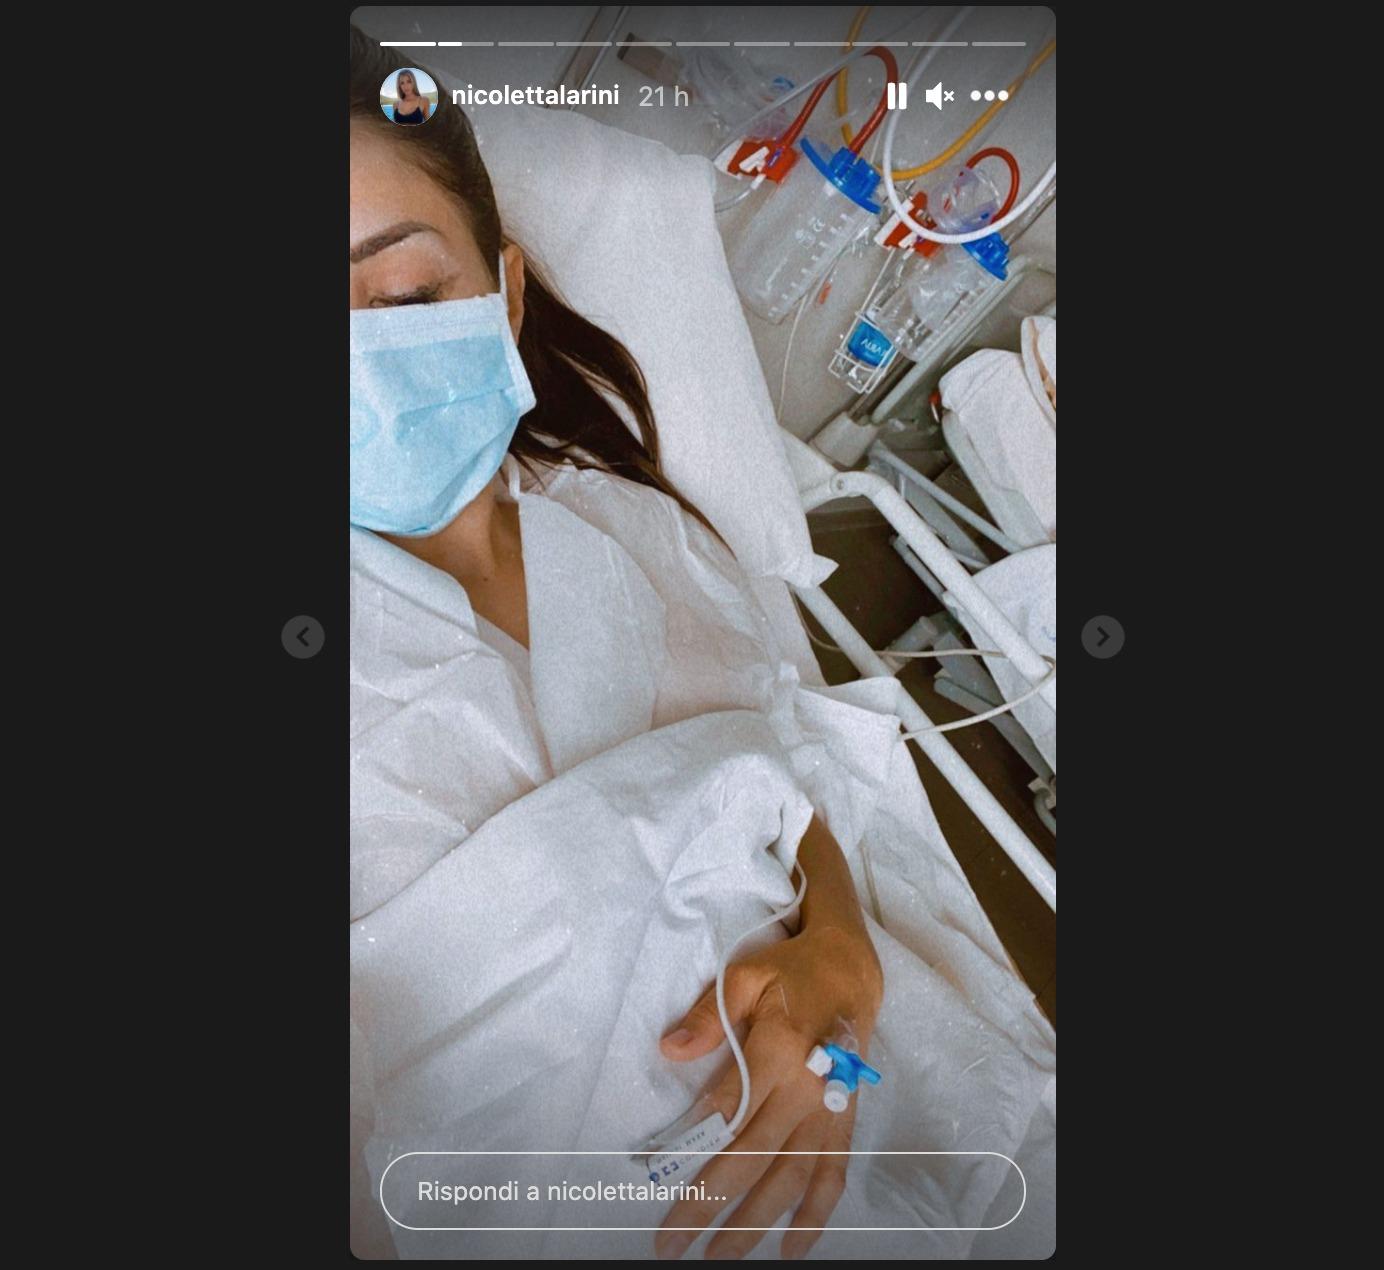 nicoletta larini ricovero ospedale instagram